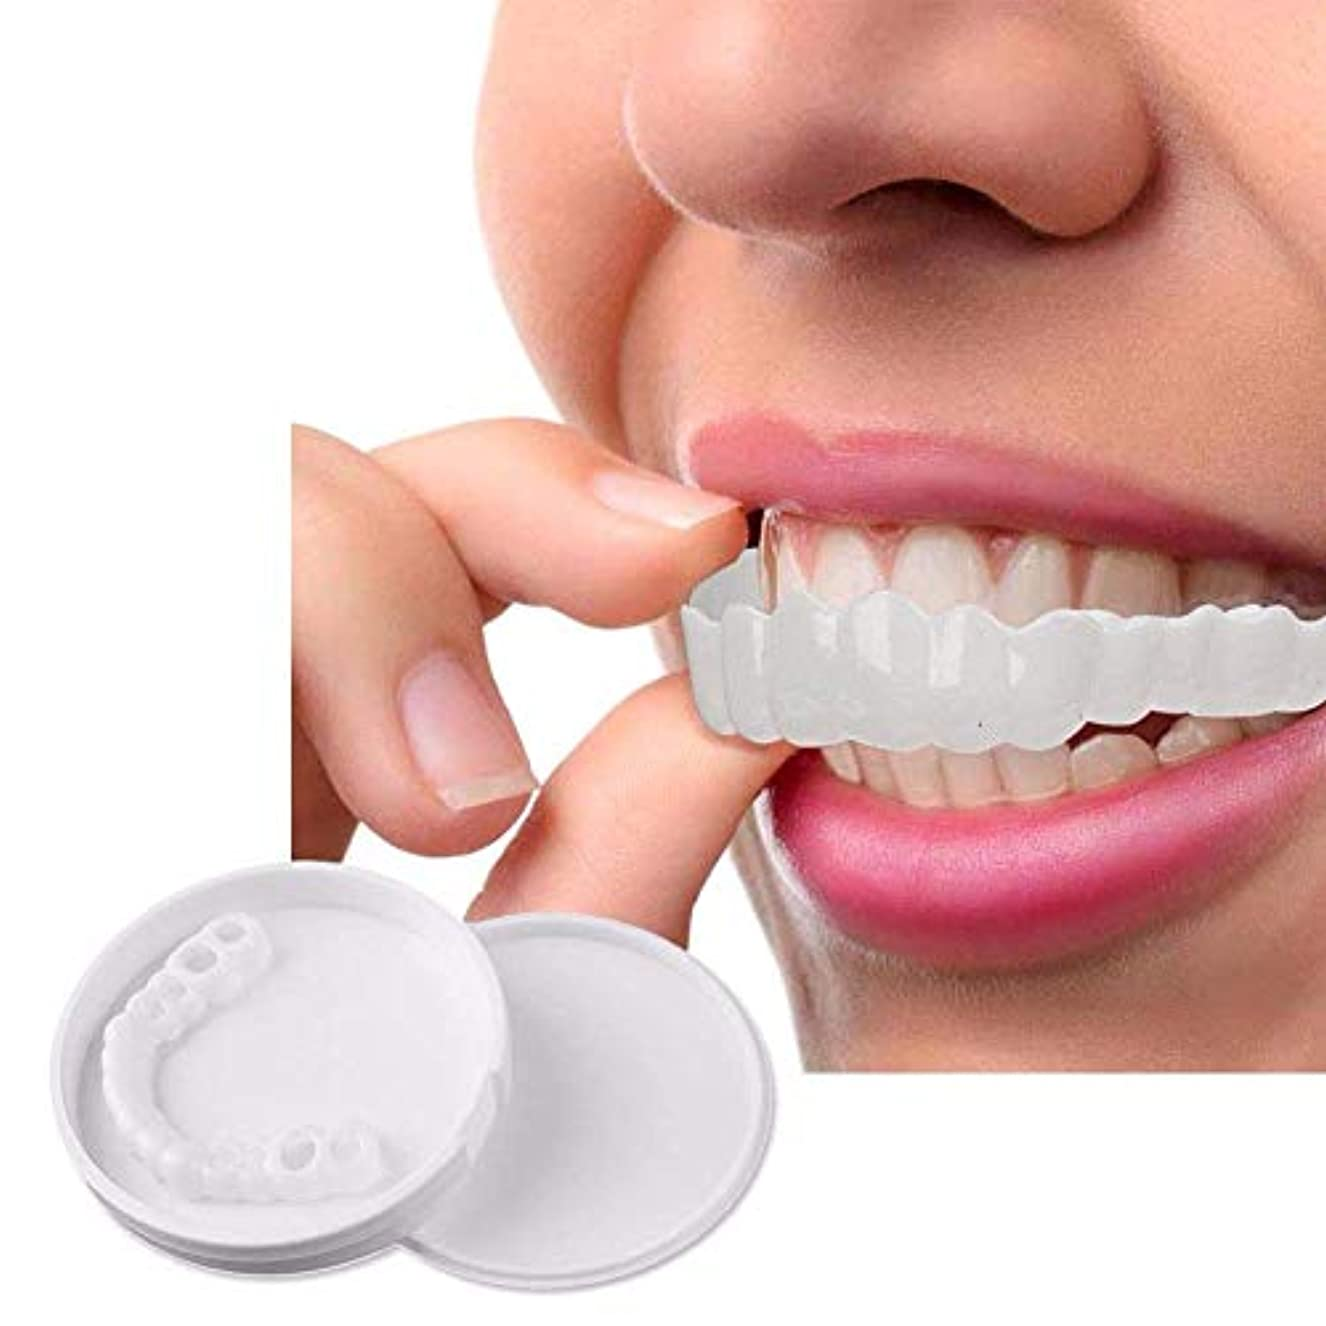 ローブ病院シダ10ピースホワイトニングスナップオンスマイルパーフェクトスマイルフィット最も快適な義歯ケア入れ歯歯科カバーでボックス,Upperteeth5Lowerteeth5Pcs